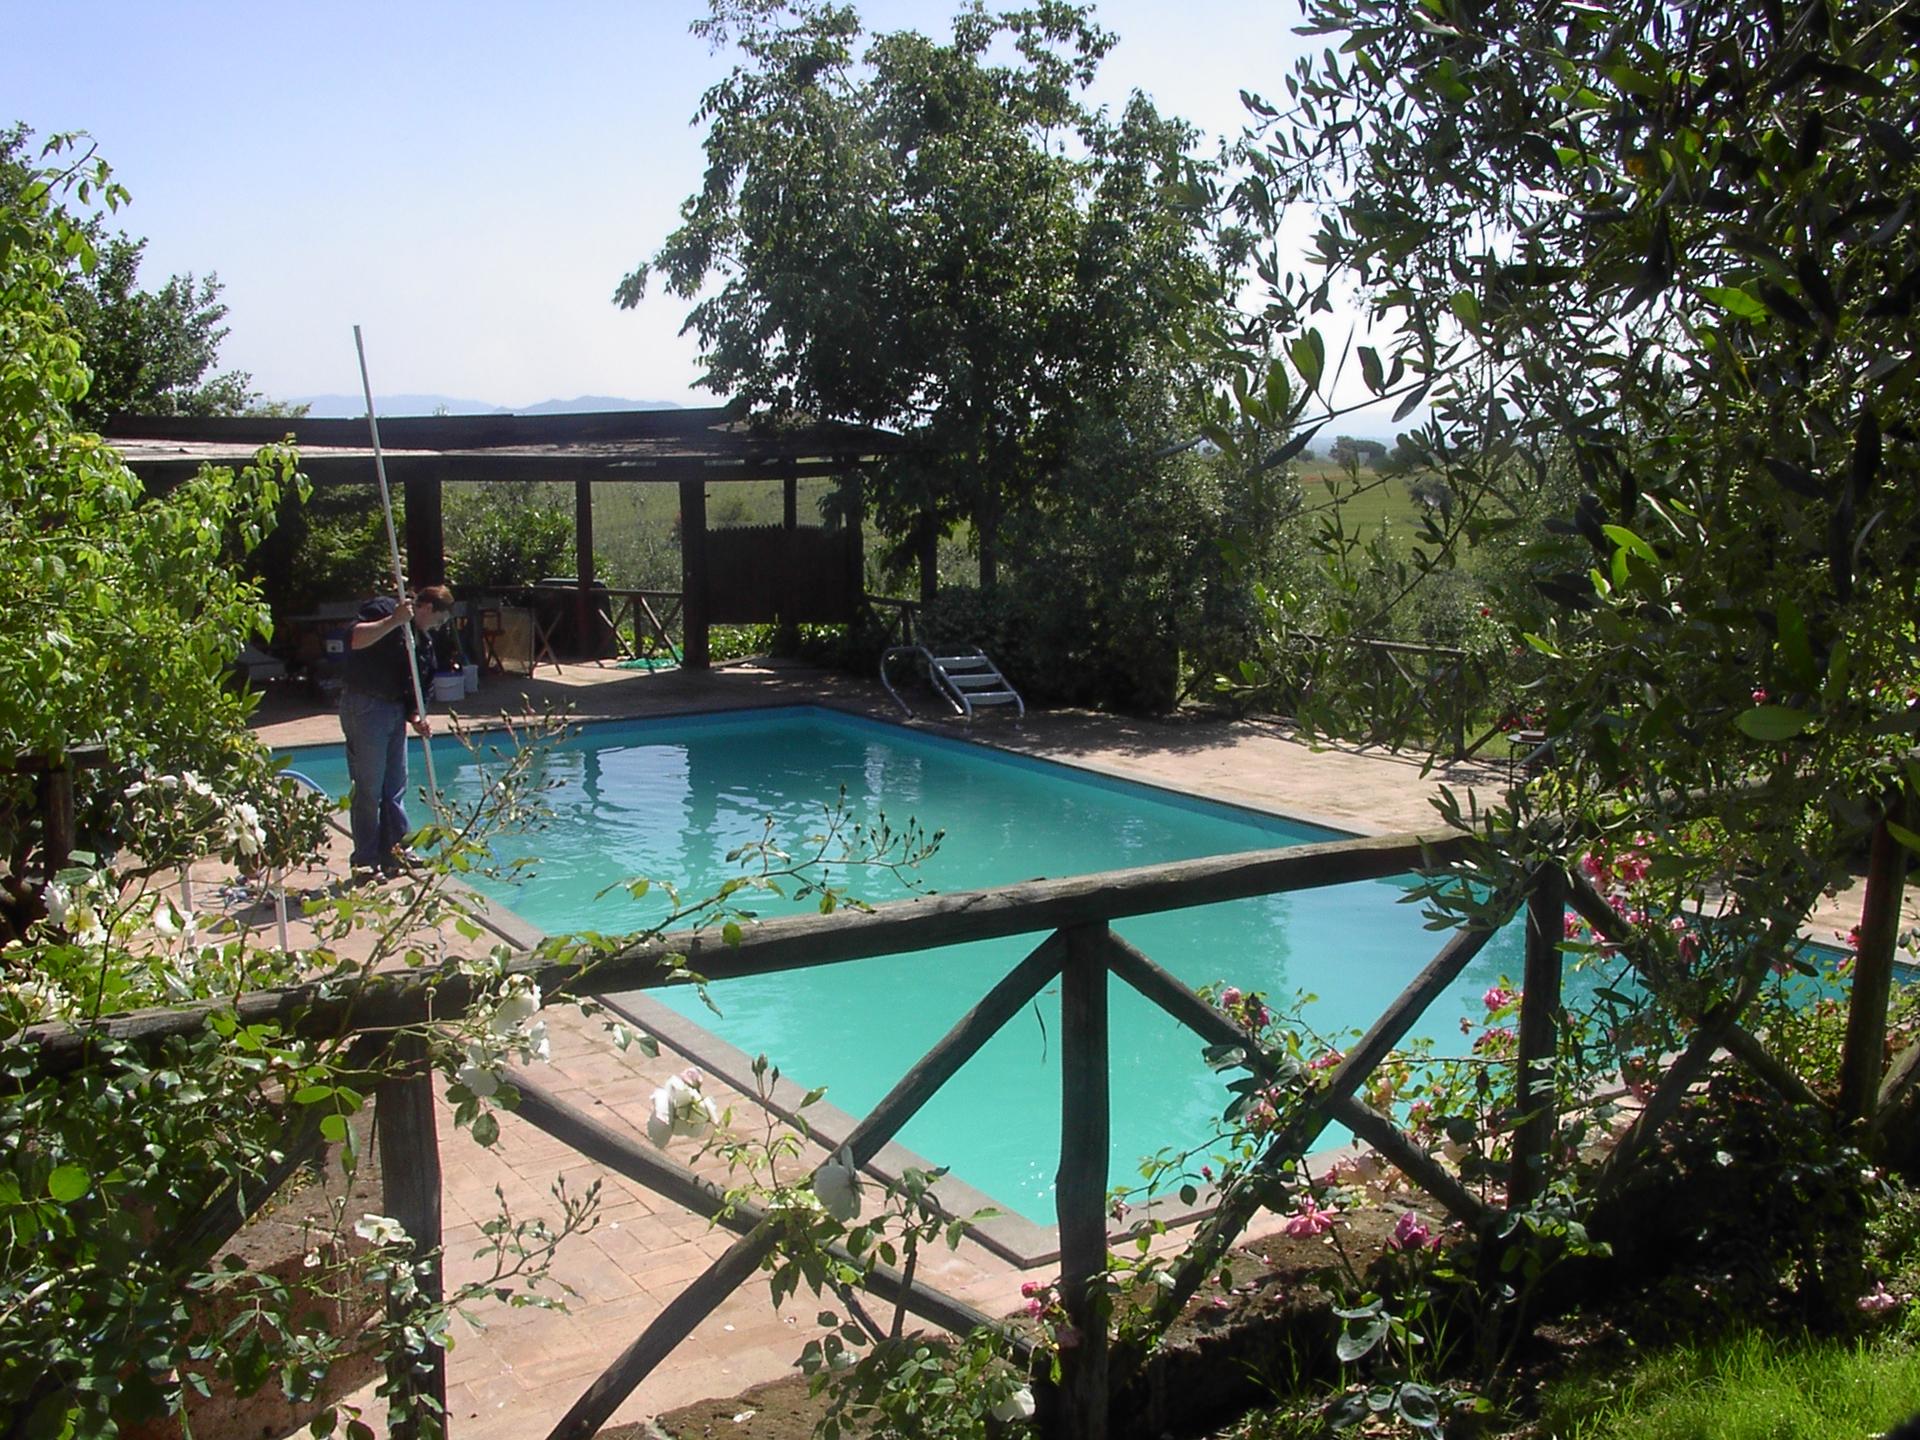 Mnutenzione piscine starpiscine roma